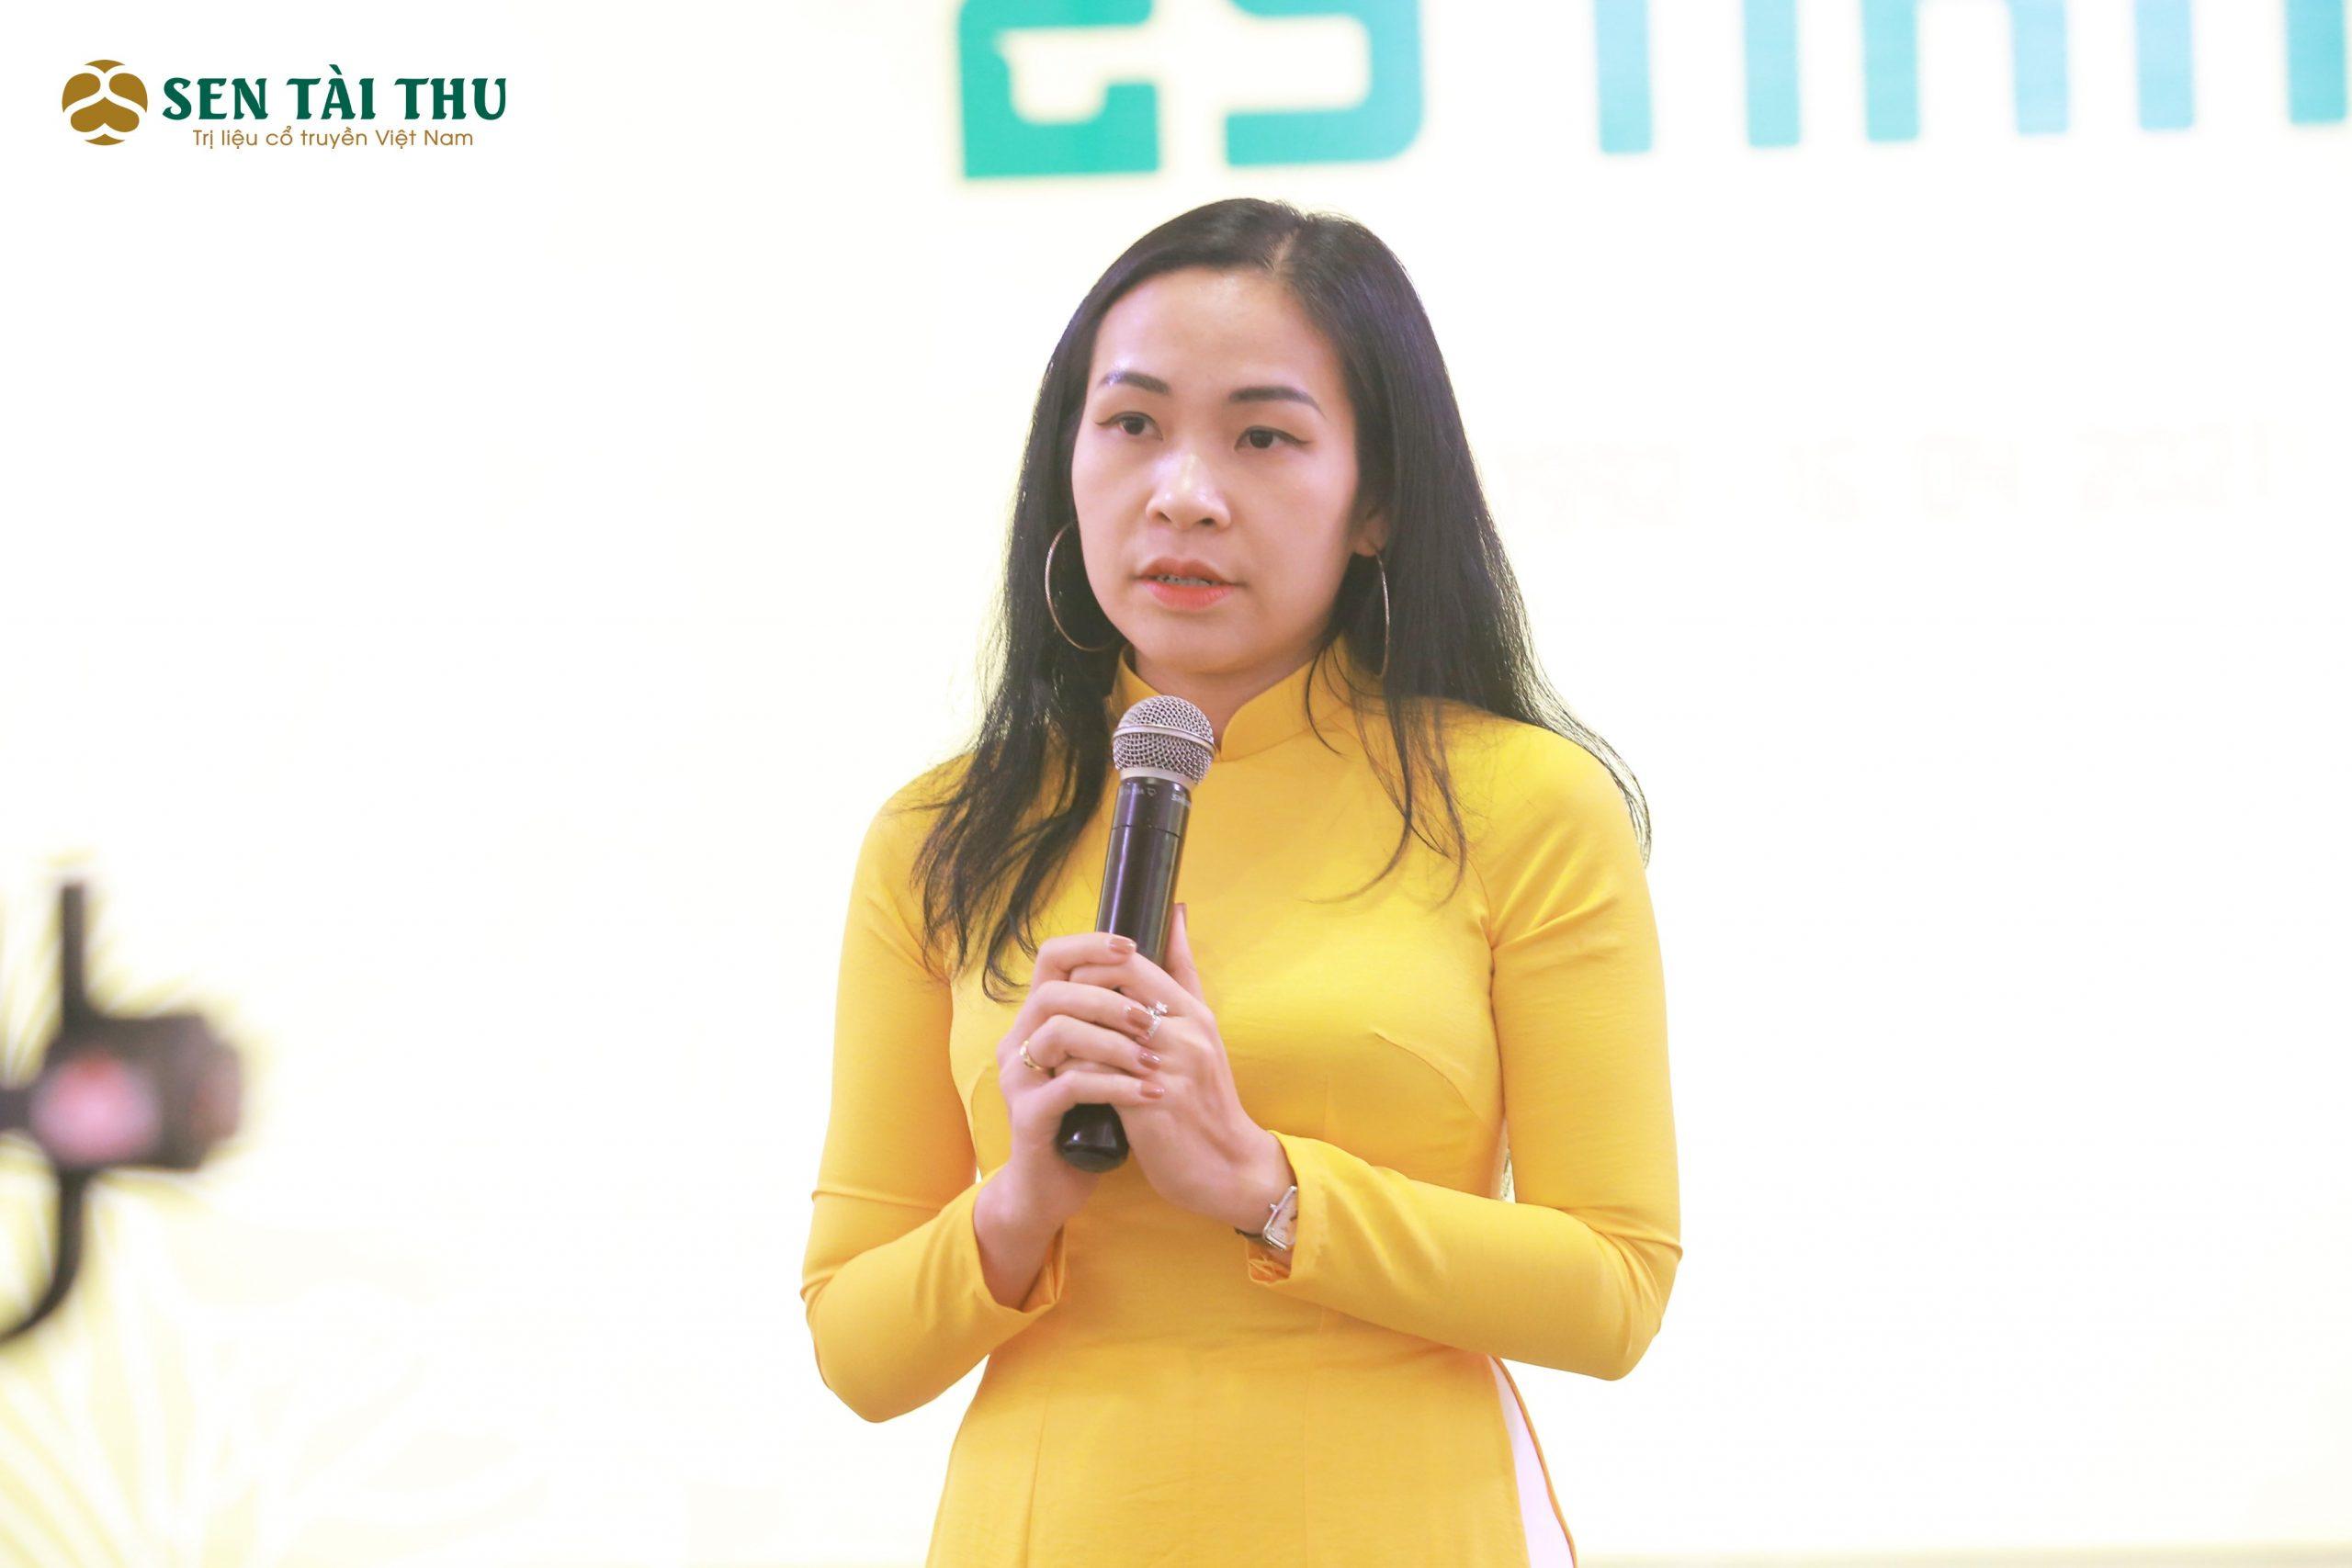 Tập Đoàn Sen Tài Thu Việt Nam - Hành trình 29 năm - 4